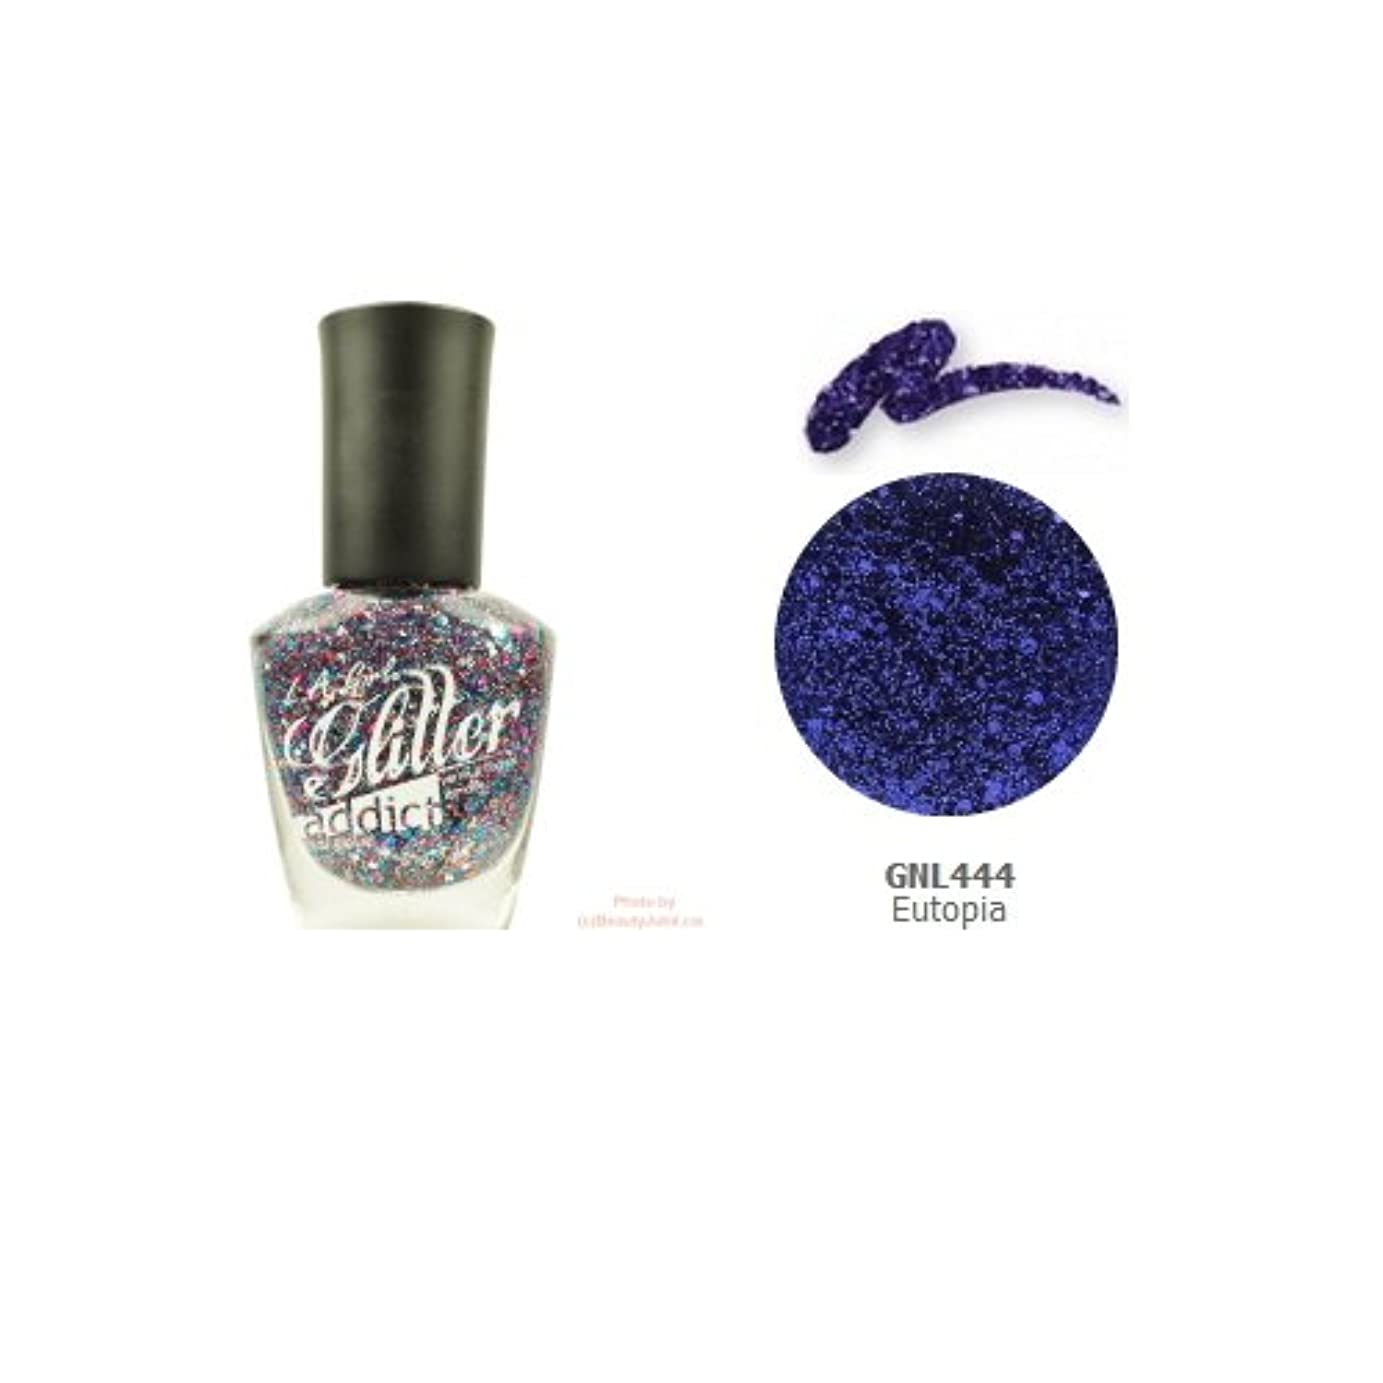 間欠ハードリング首尾一貫した(6 Pack) LA GIRL Glitter Addict Polish - Eutopia (並行輸入品)